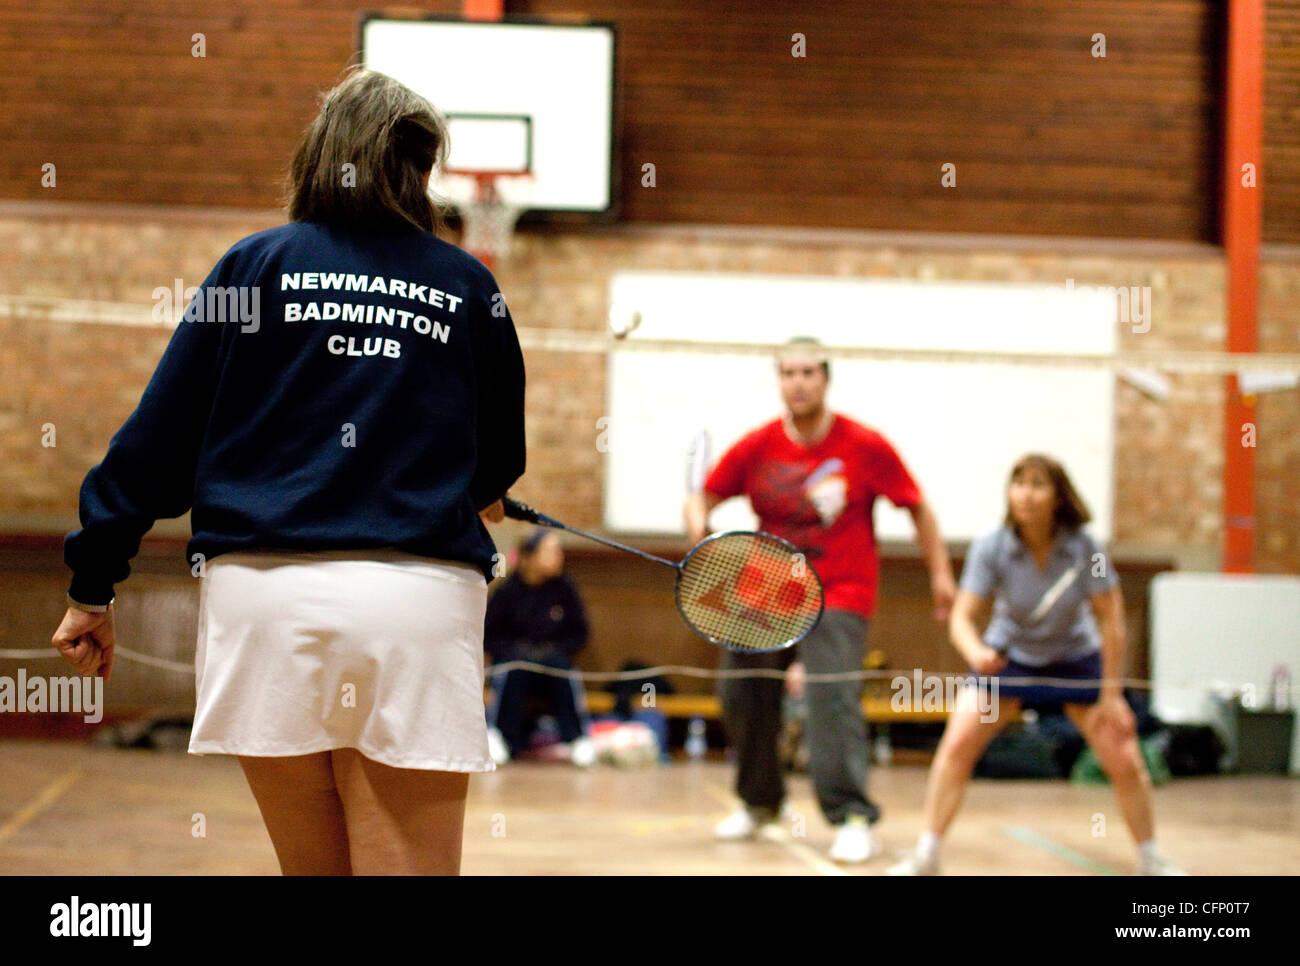 Las personas jugar bádminton en su club local, Newmarket Suffolk UK Imagen De Stock